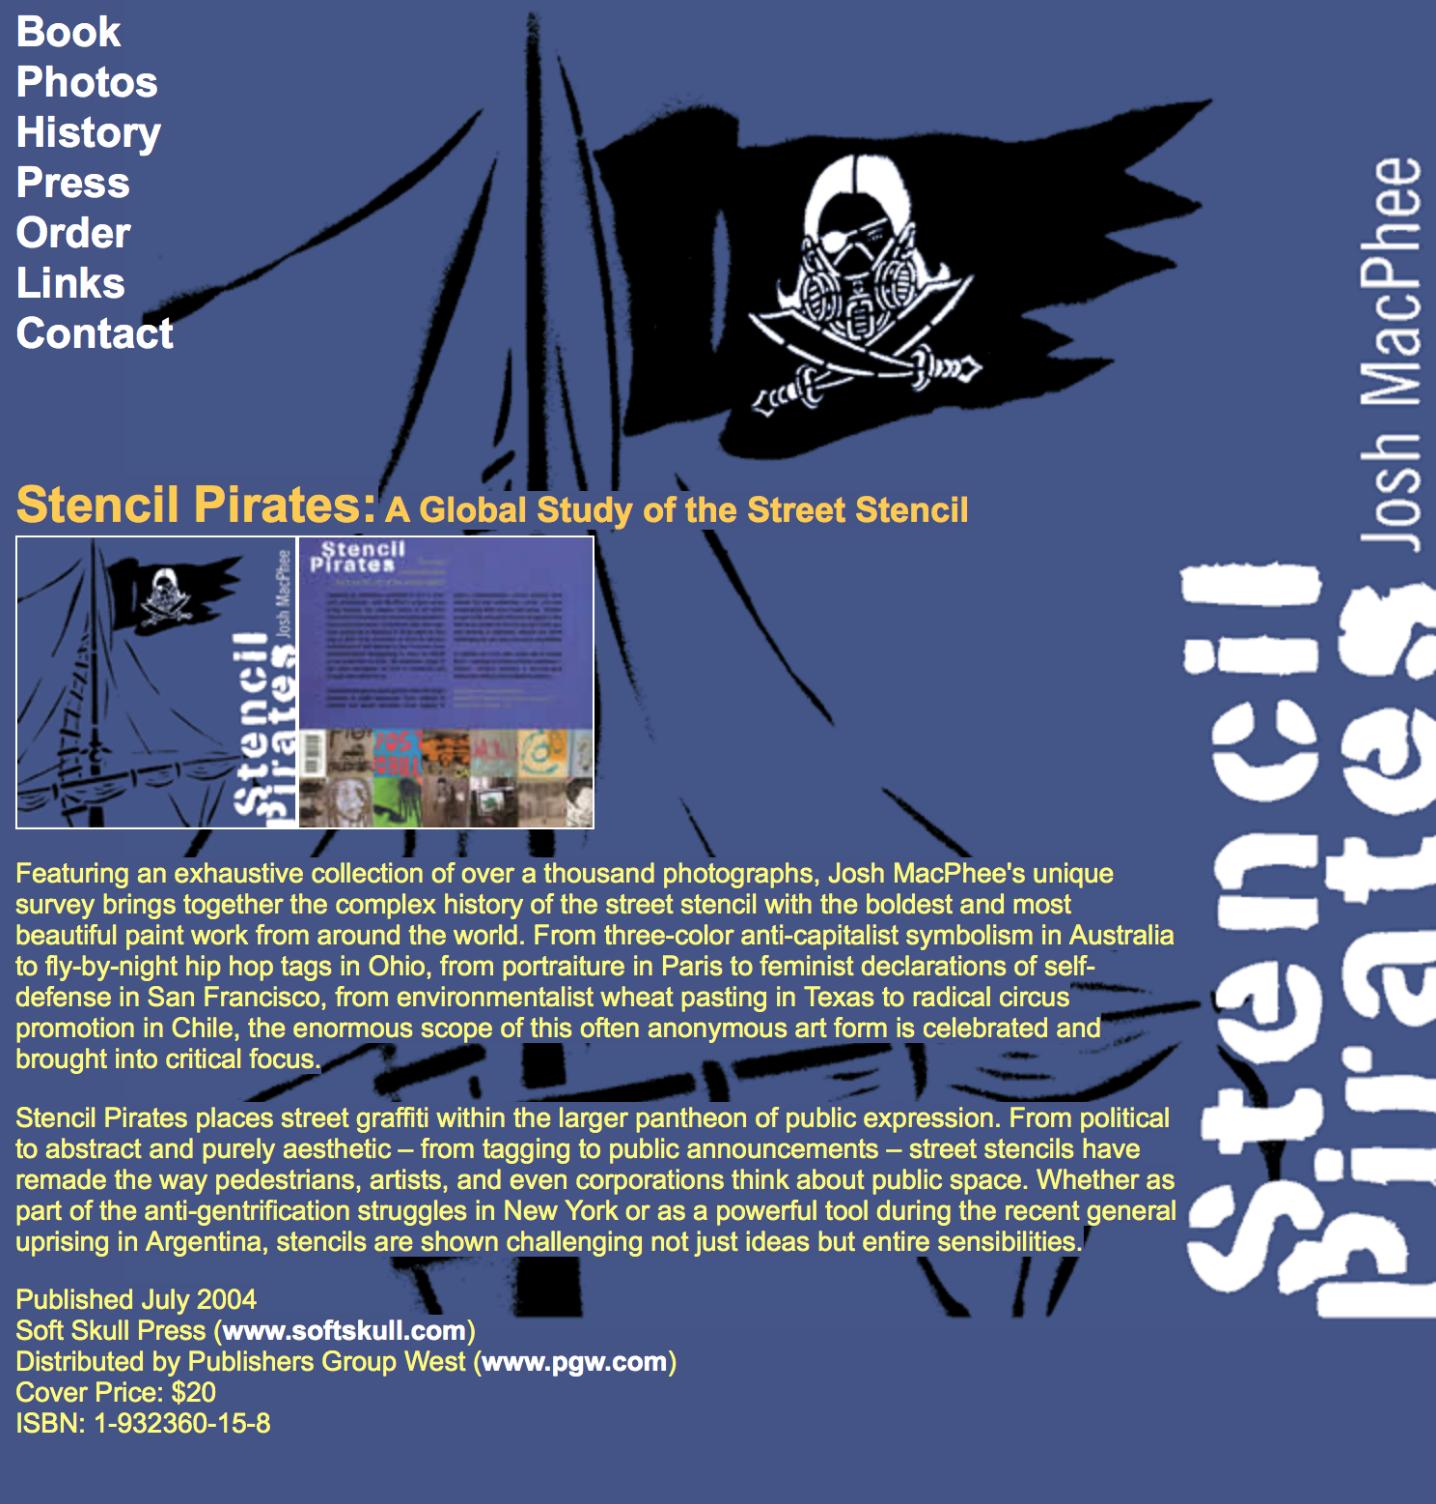 WORK FEATURED IN THE BOOK STENCIL PIRATES - WORK FEATURED IN THE BOOK STENCIL PIRATESby Josh MacPhee | 2004Soft Skull PressISBN: 1-932360-15-8